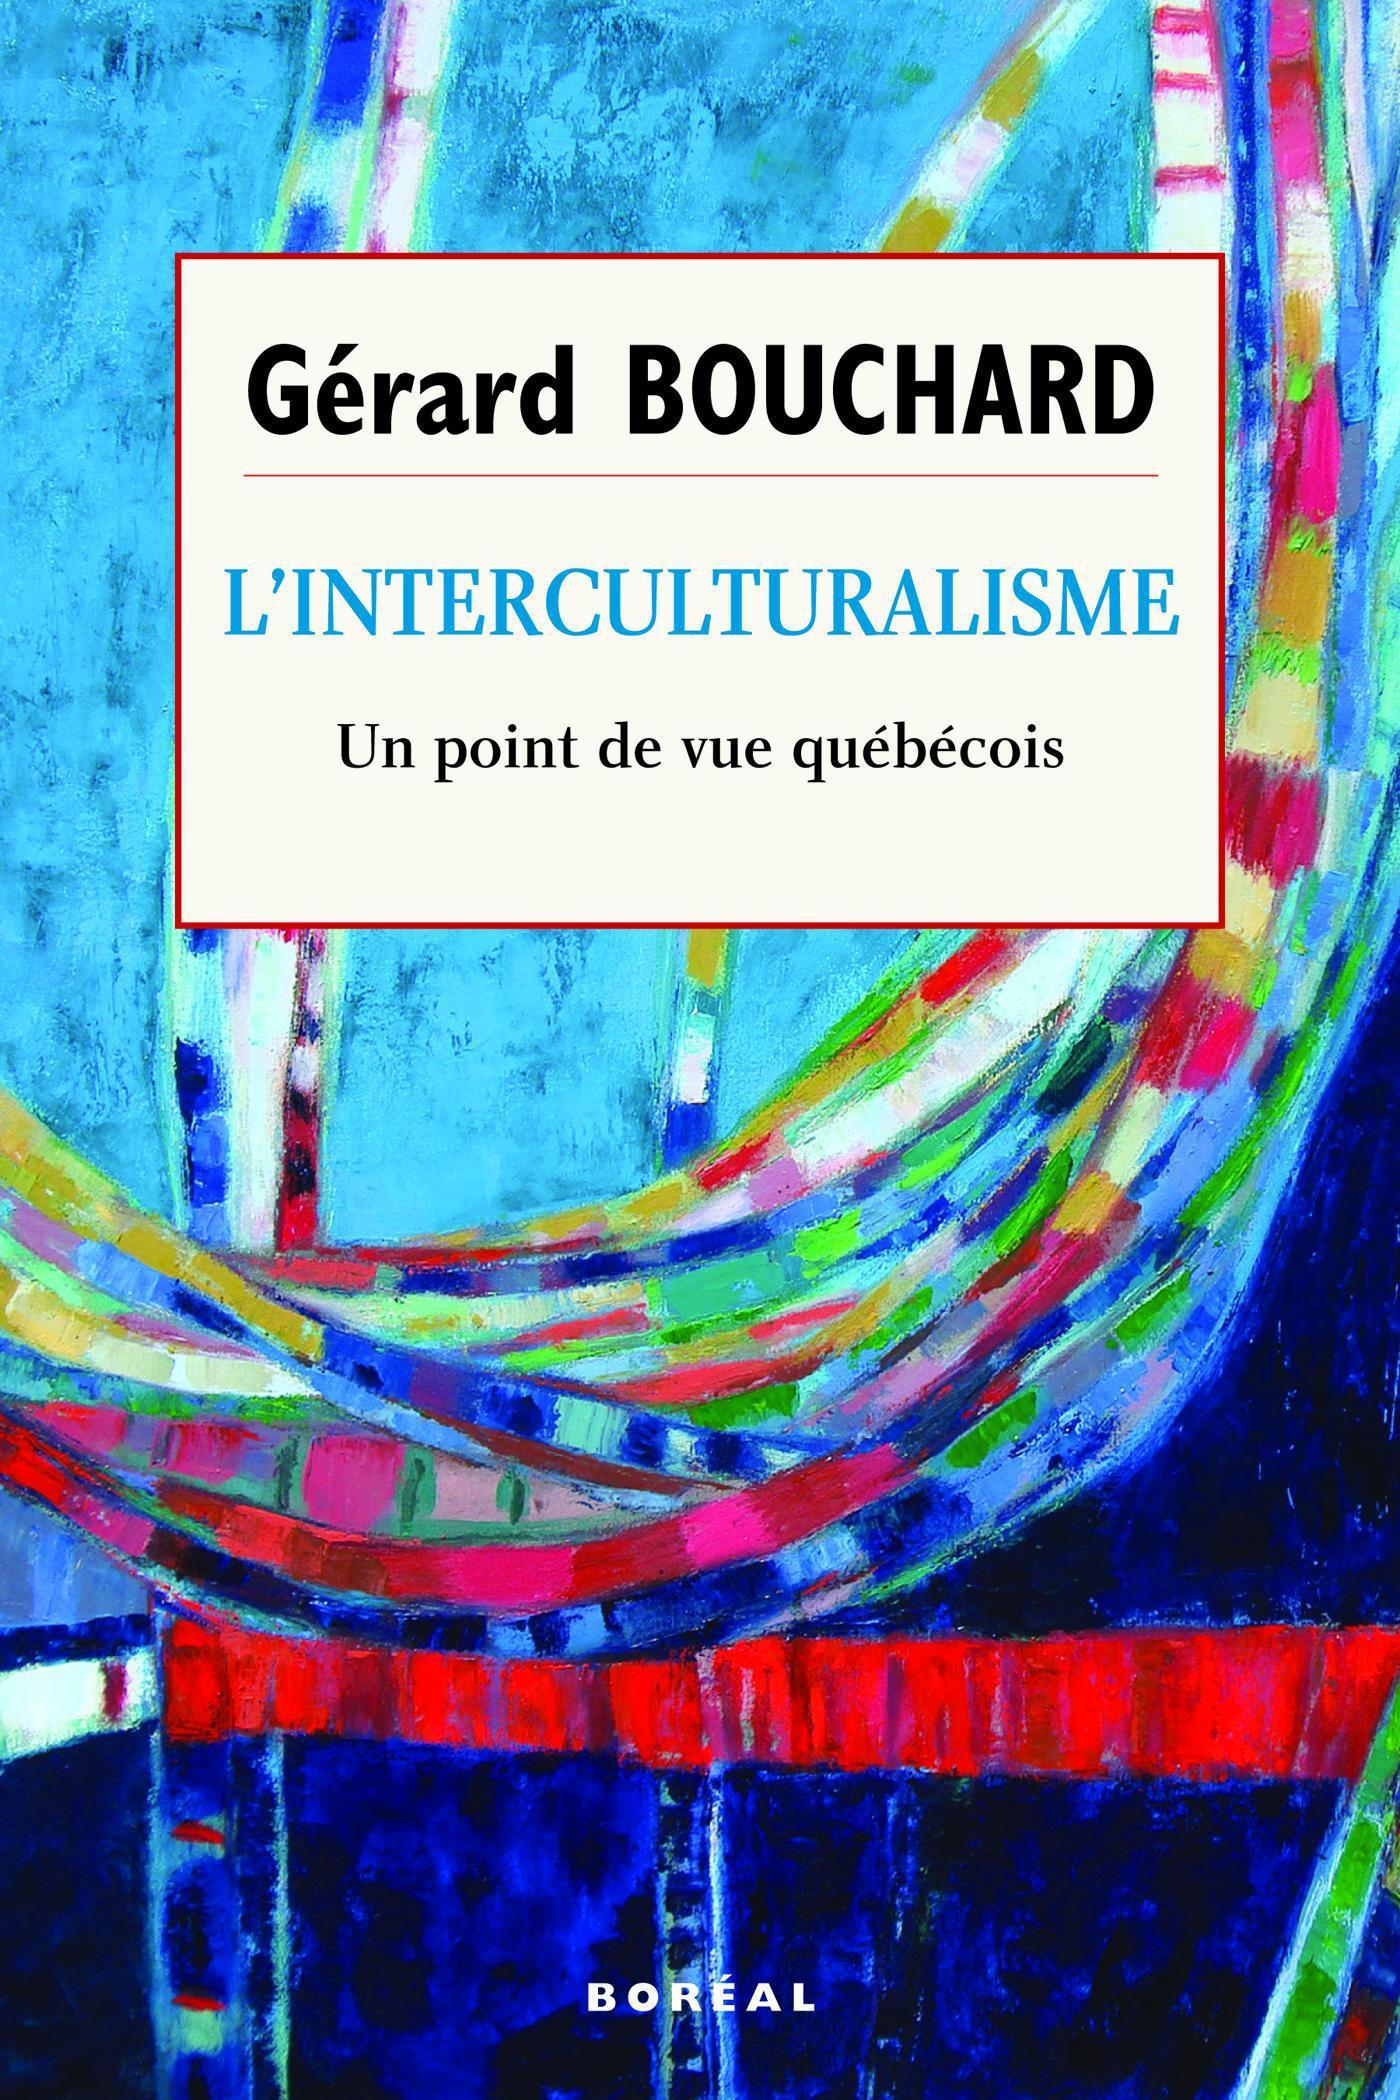 L'Interculturalisme